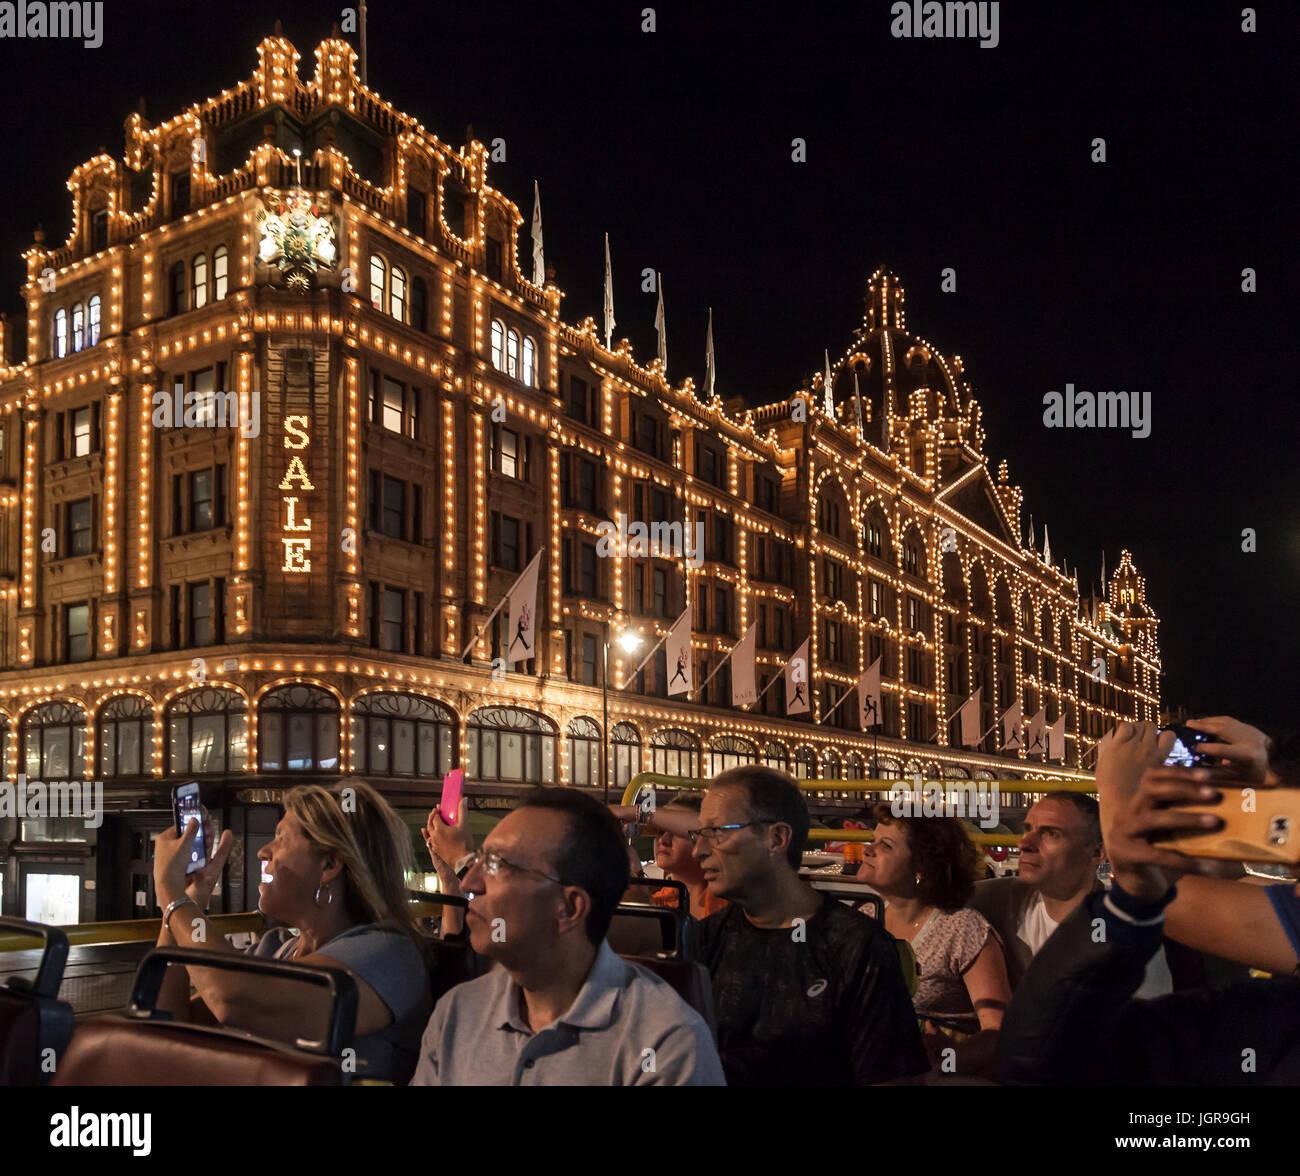 Un grupo de turistas, pasando por el encendido de los almacenes Harrods en Knightsbridge, Londres, durante una noche Imagen De Stock